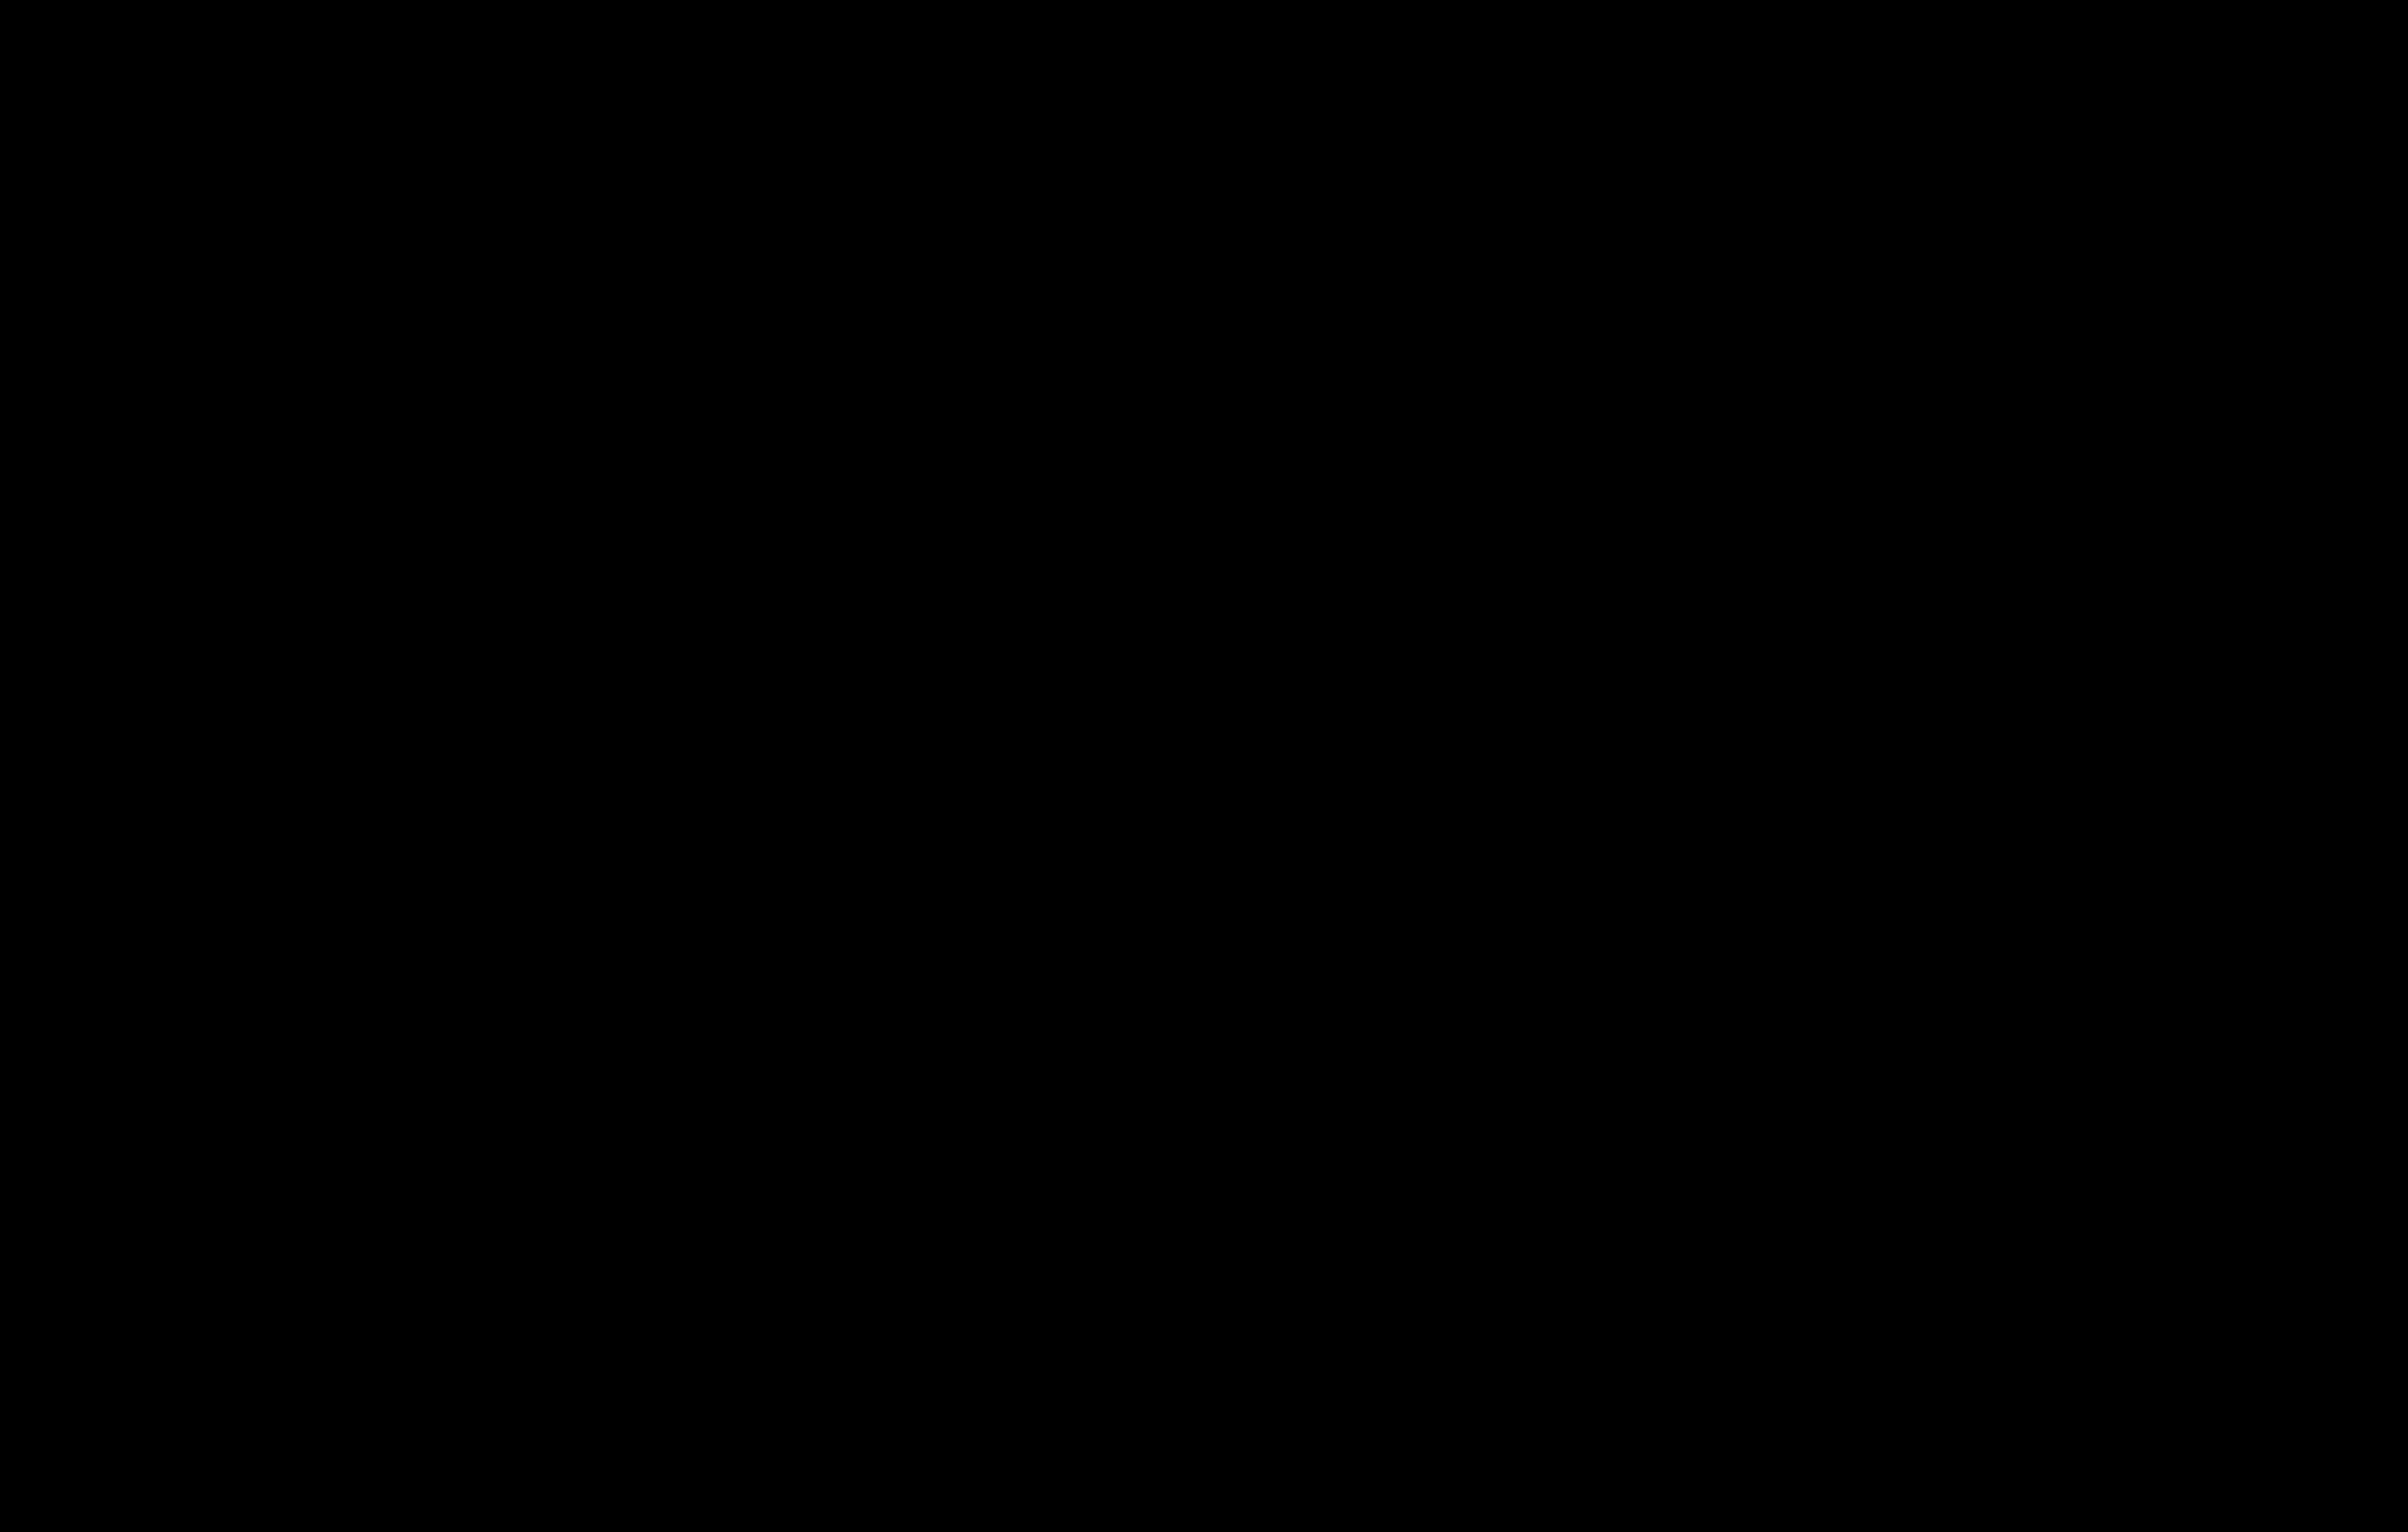 Dexterity Icon